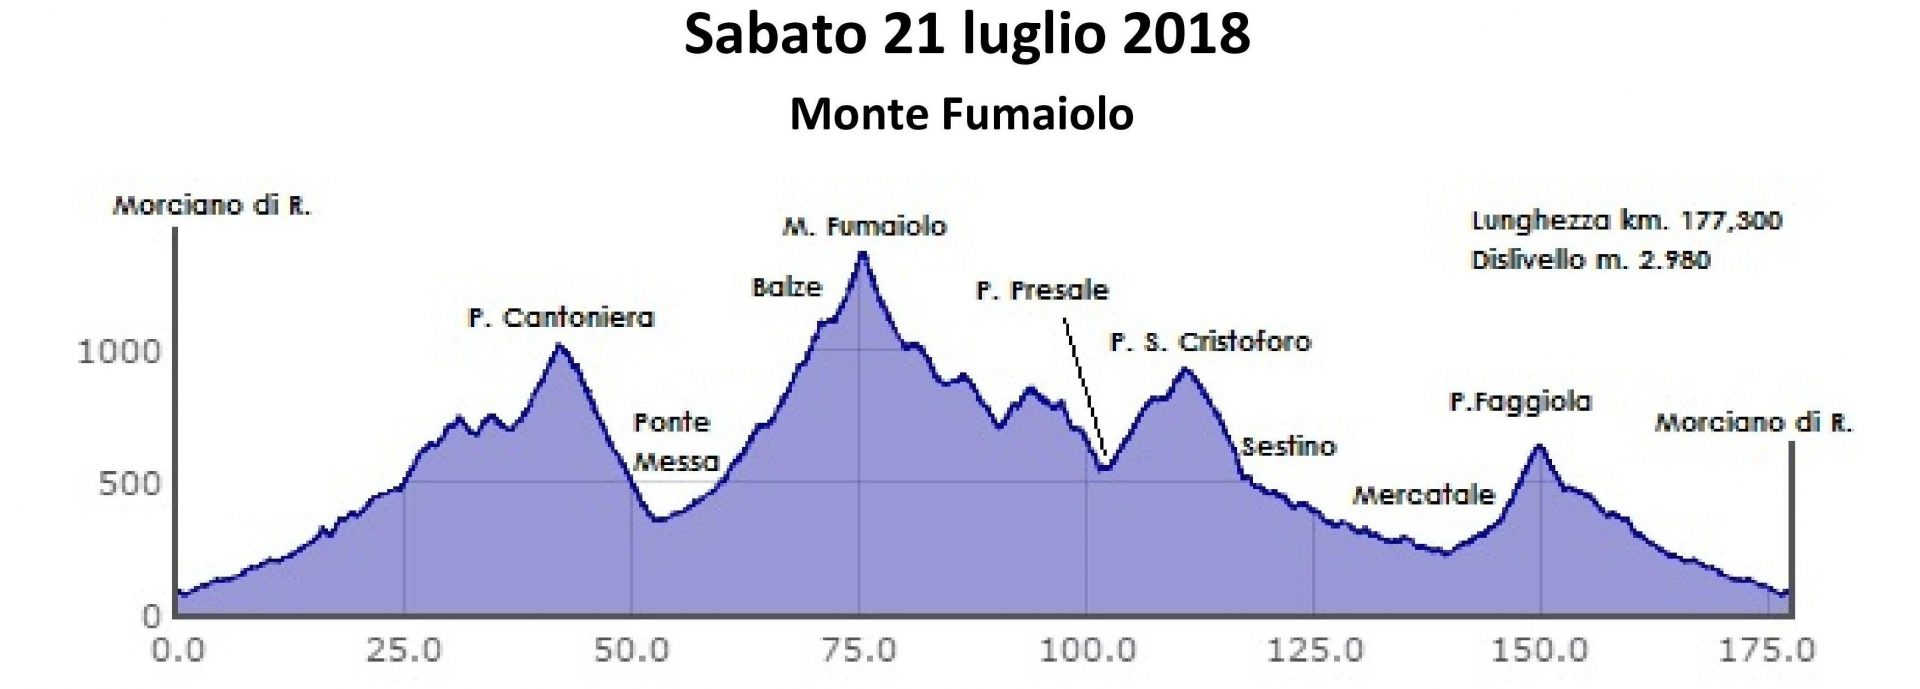 Sabato 21-lug-2018 – 5a prova Prestigino – Fumaiolo